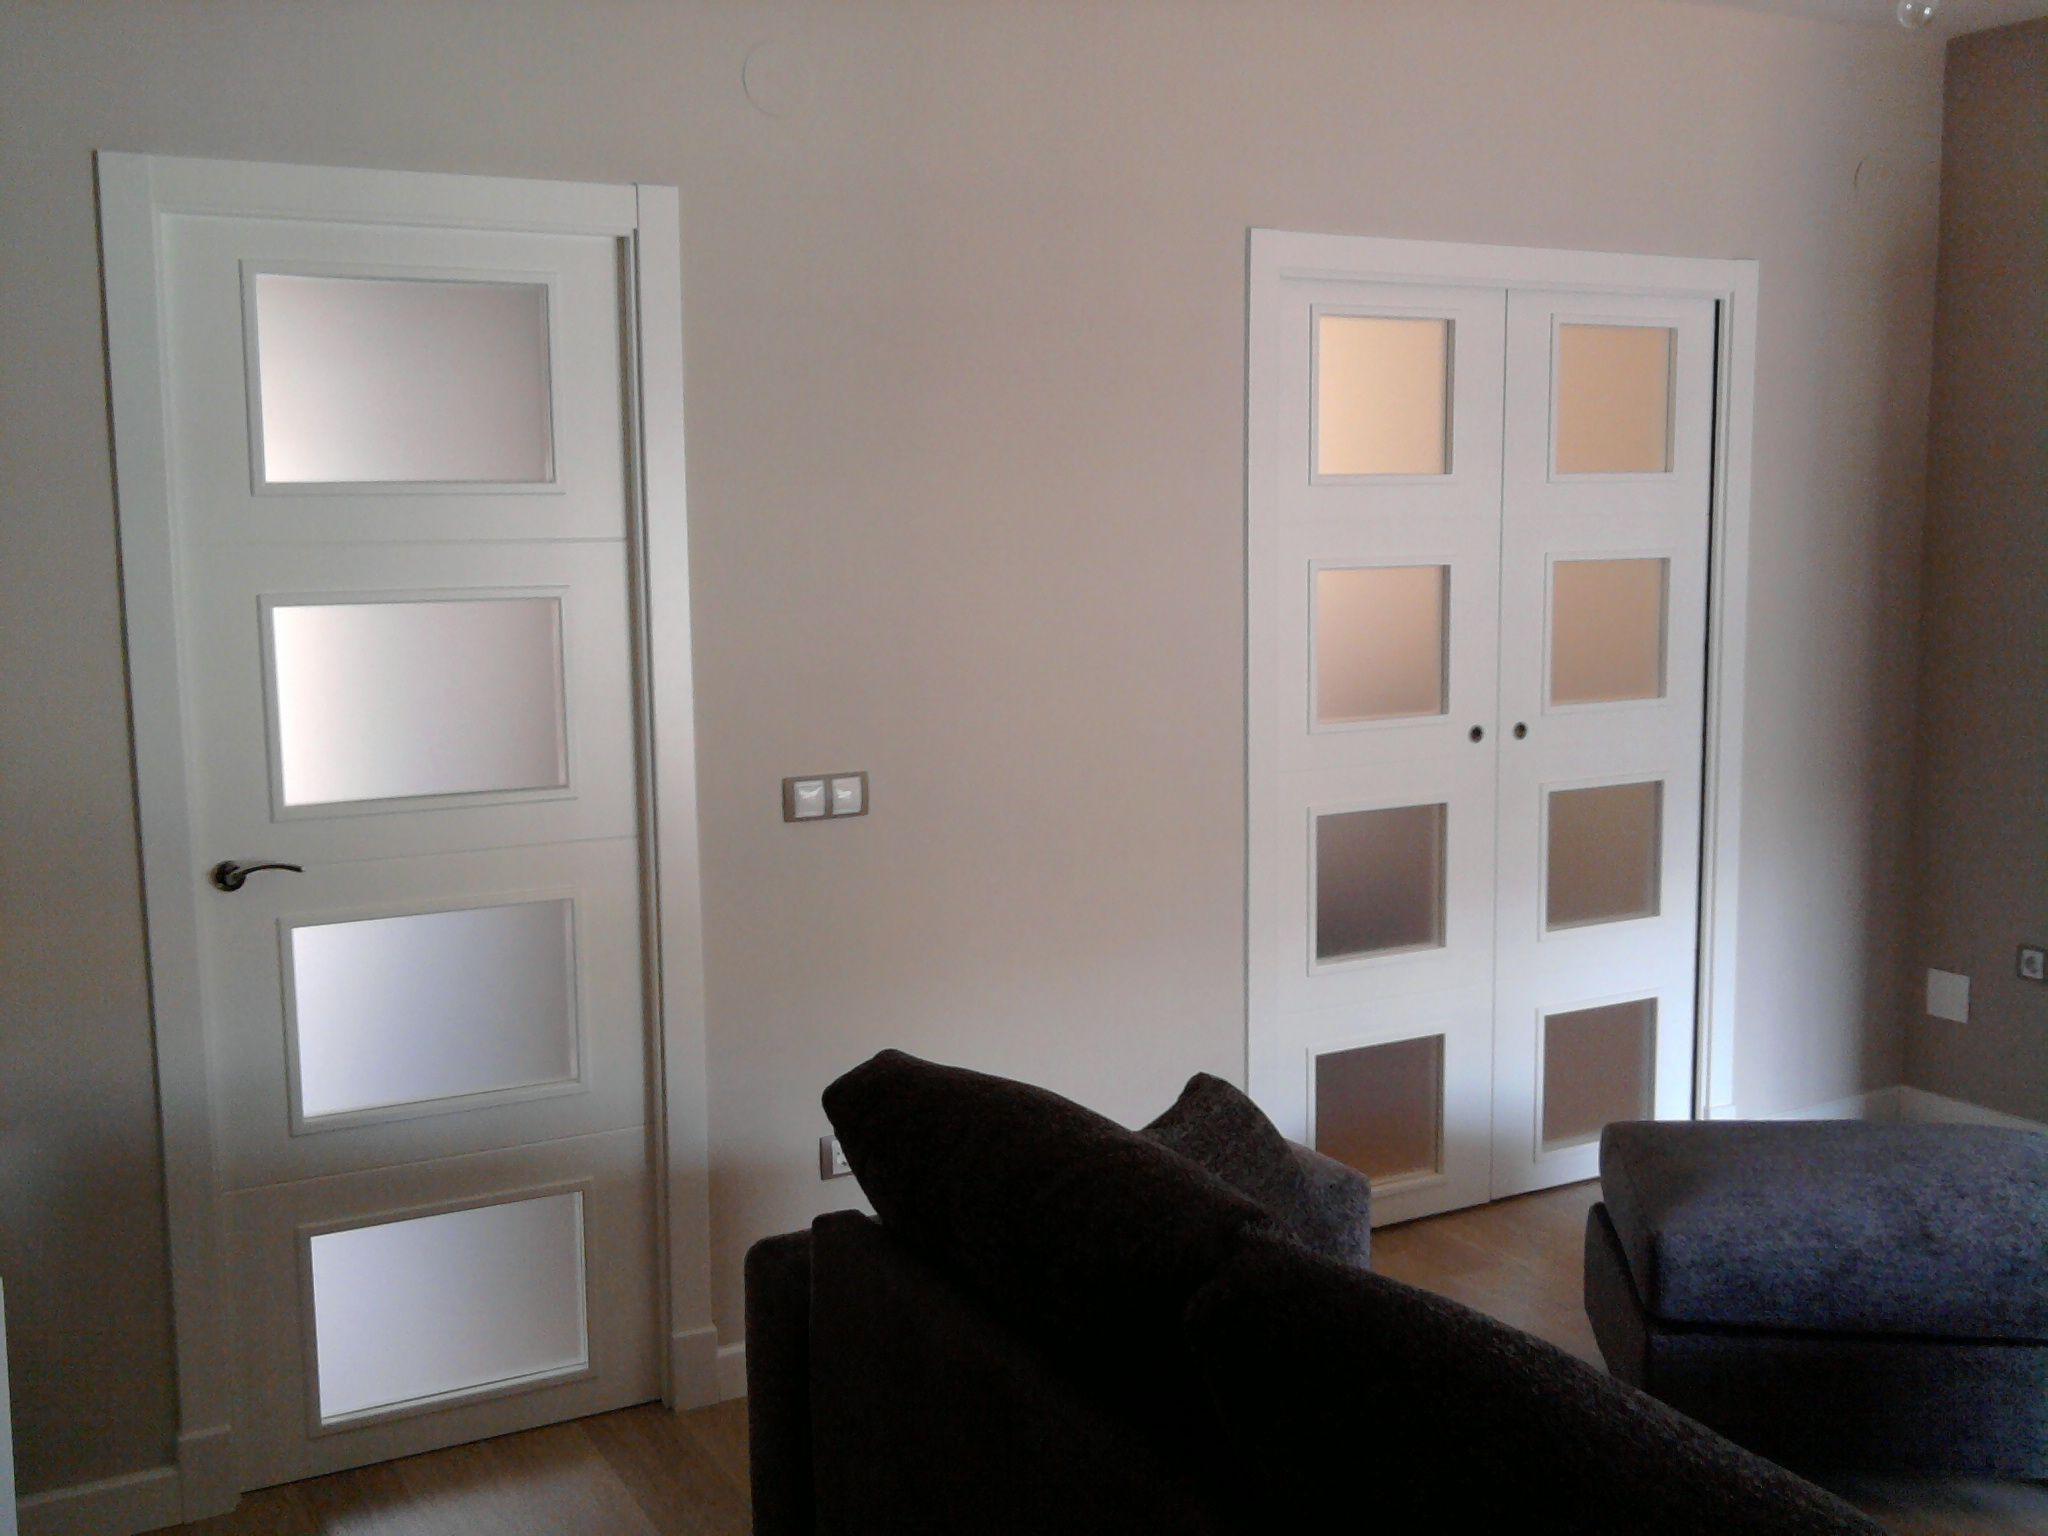 Modelo 5t12 v57 con cristal mate puerta abatible y puerta - Puertas cristal corredera ...